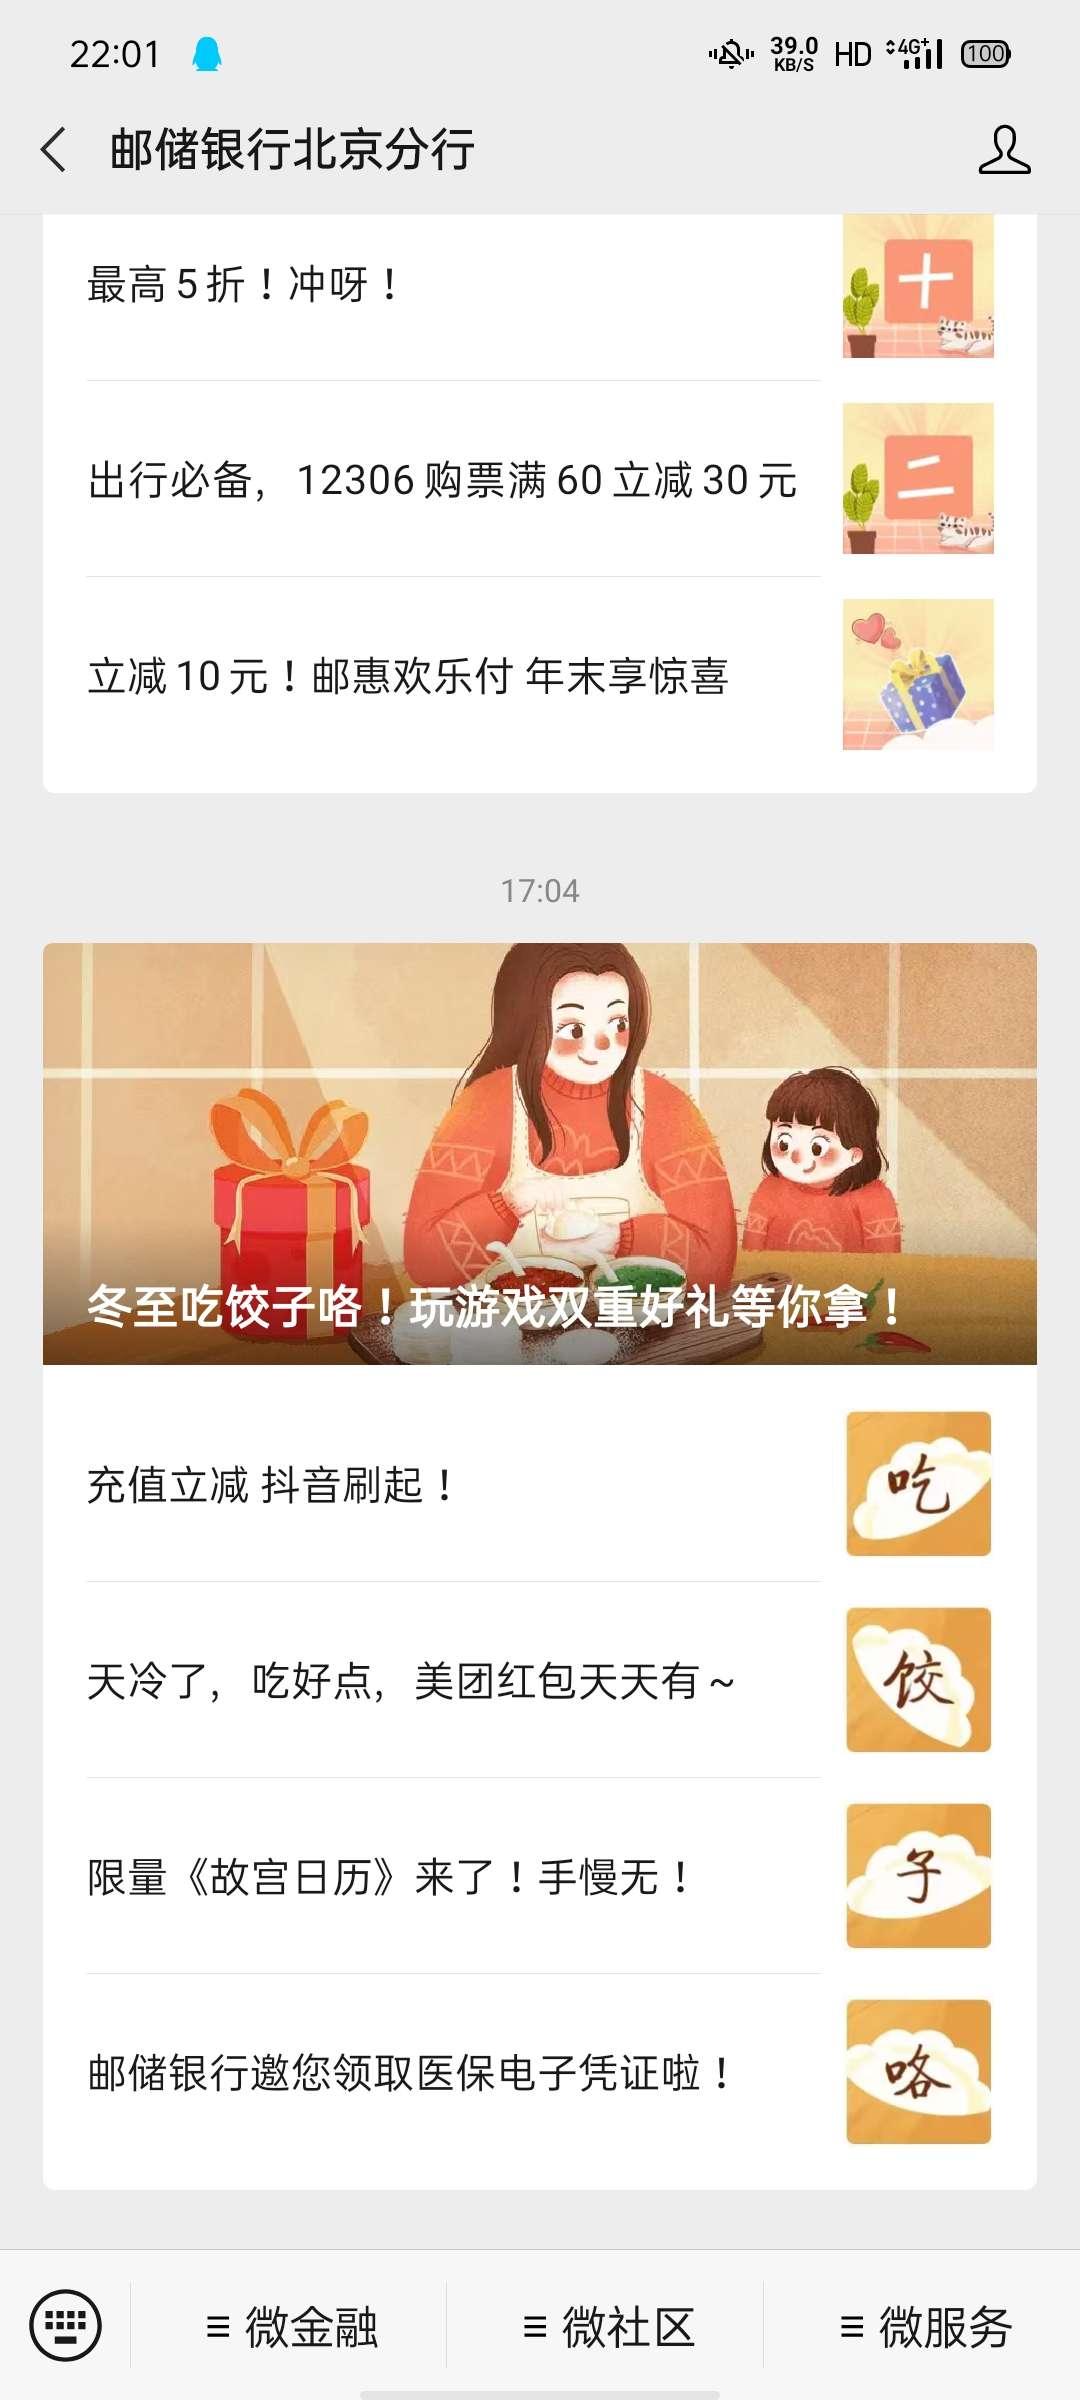 图片[1]-邮储银行北京分行冬至玩游戏抽红包-老友薅羊毛活动线报网